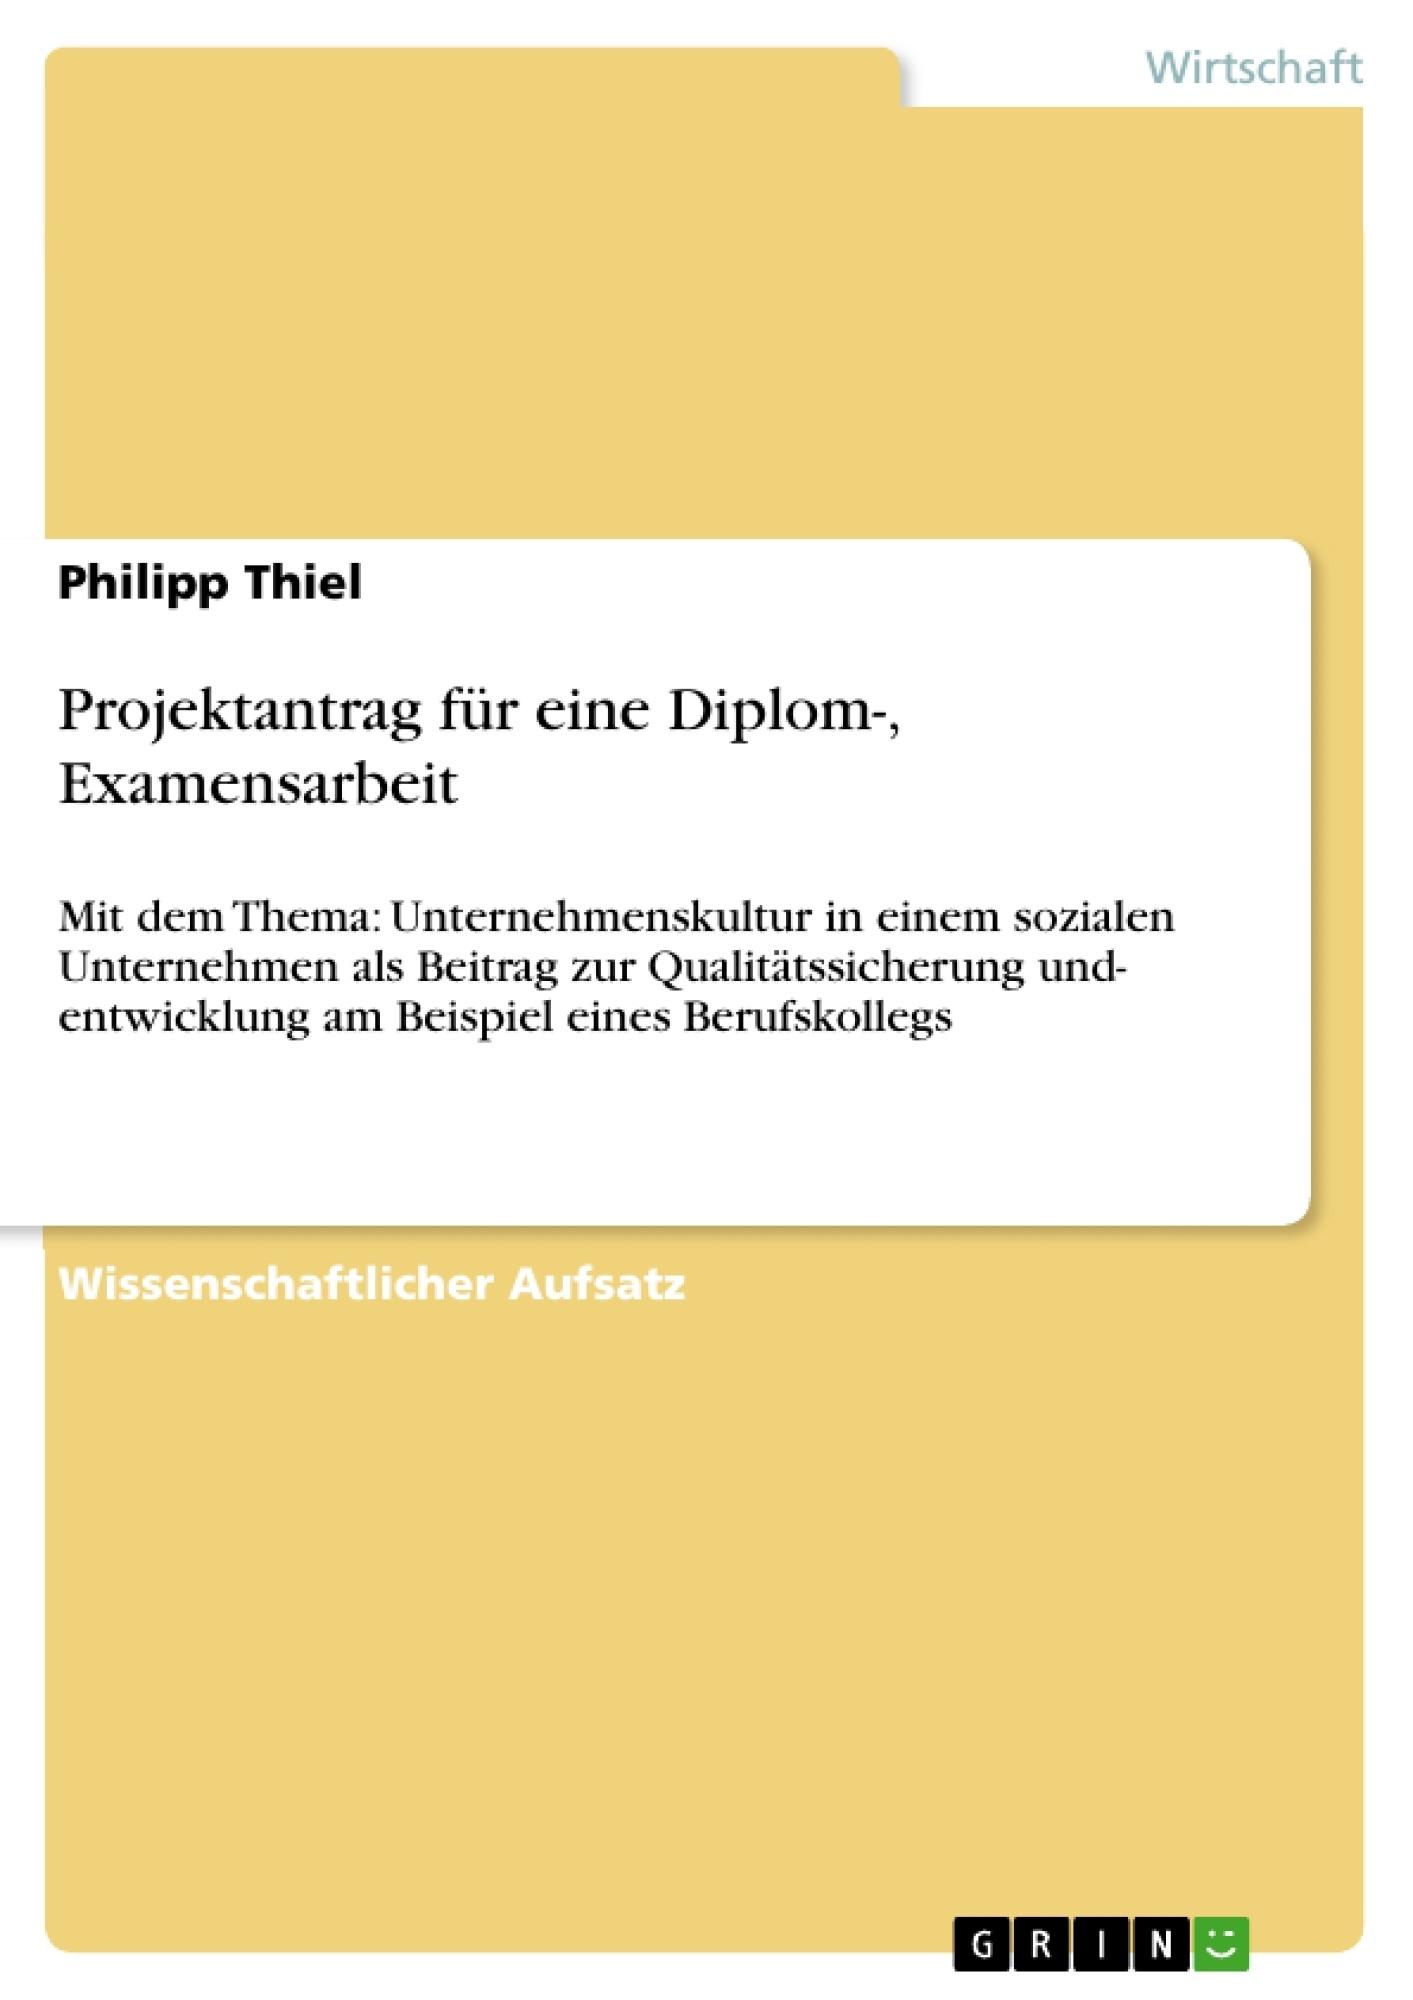 Titel: Projektantrag für eine Diplom-, Examensarbeit